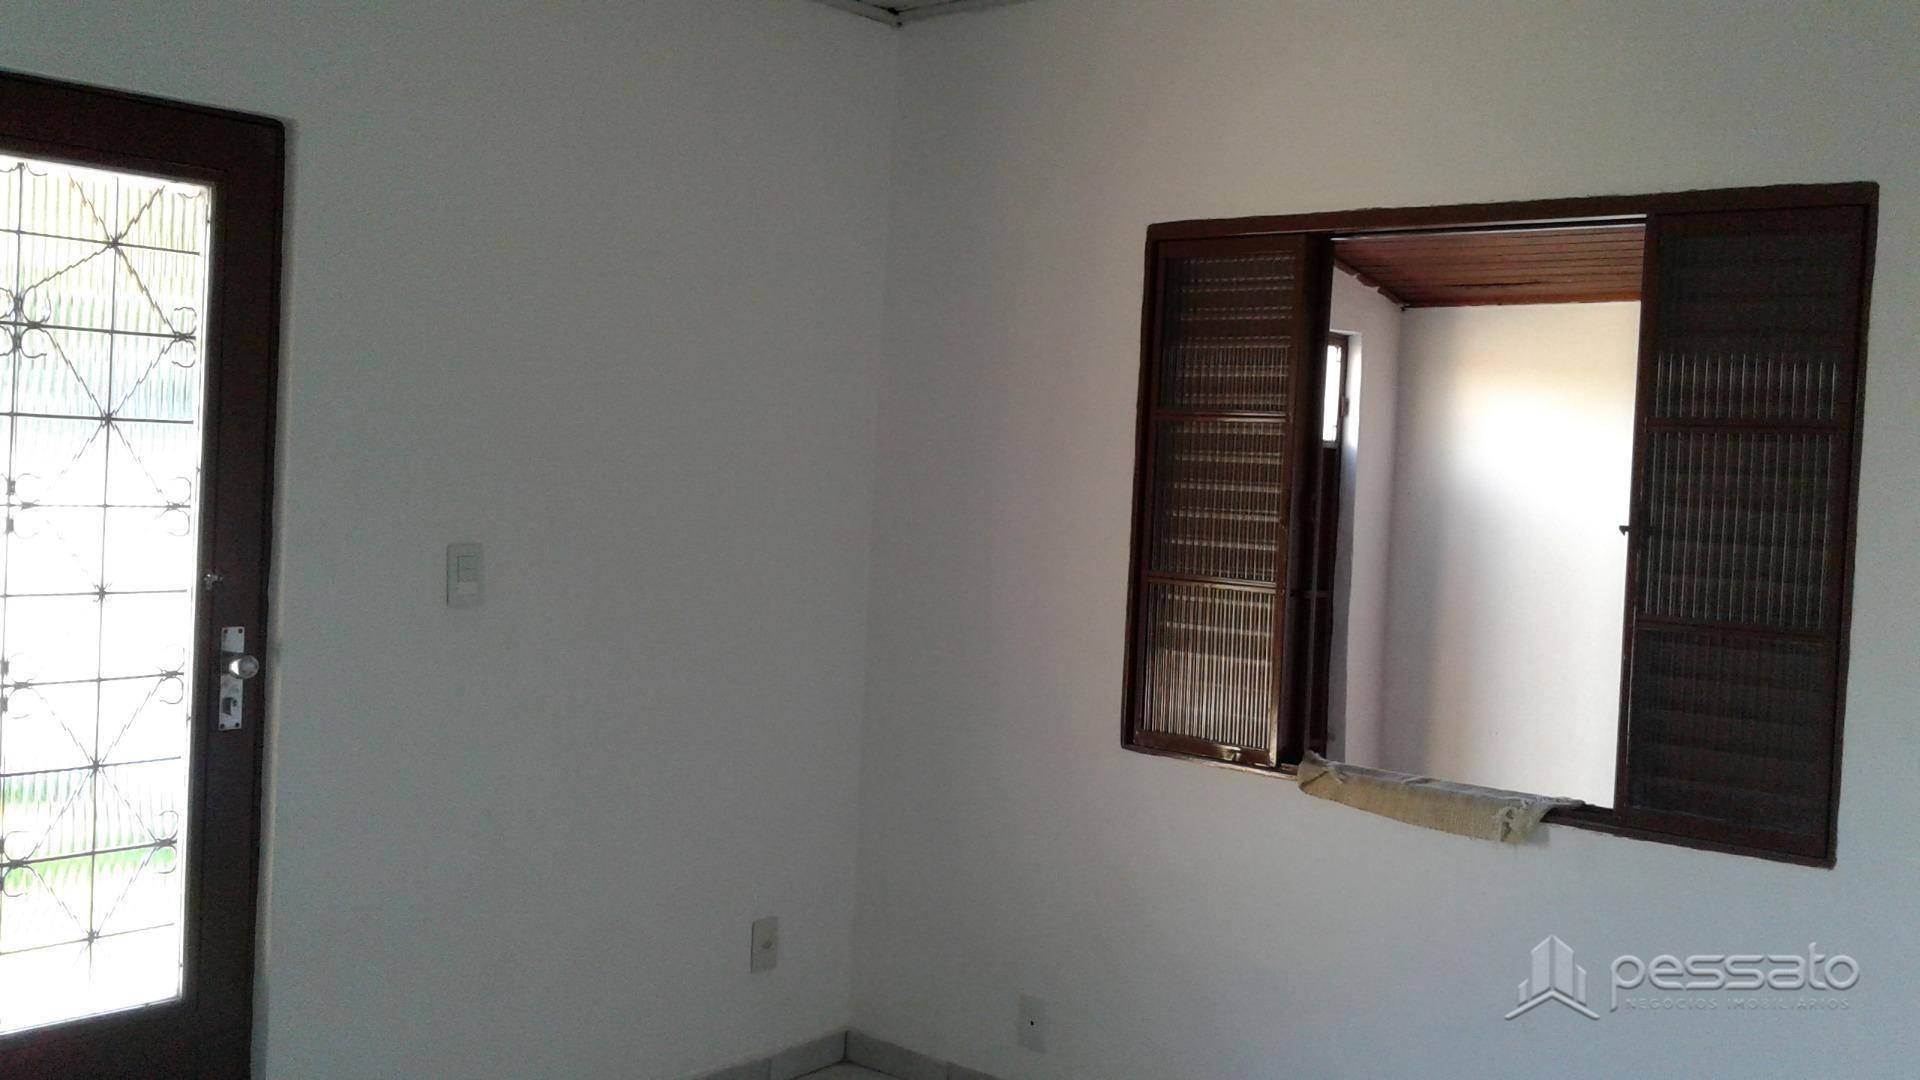 casa 3 dormitórios em Gravataí, no bairro Planaltina